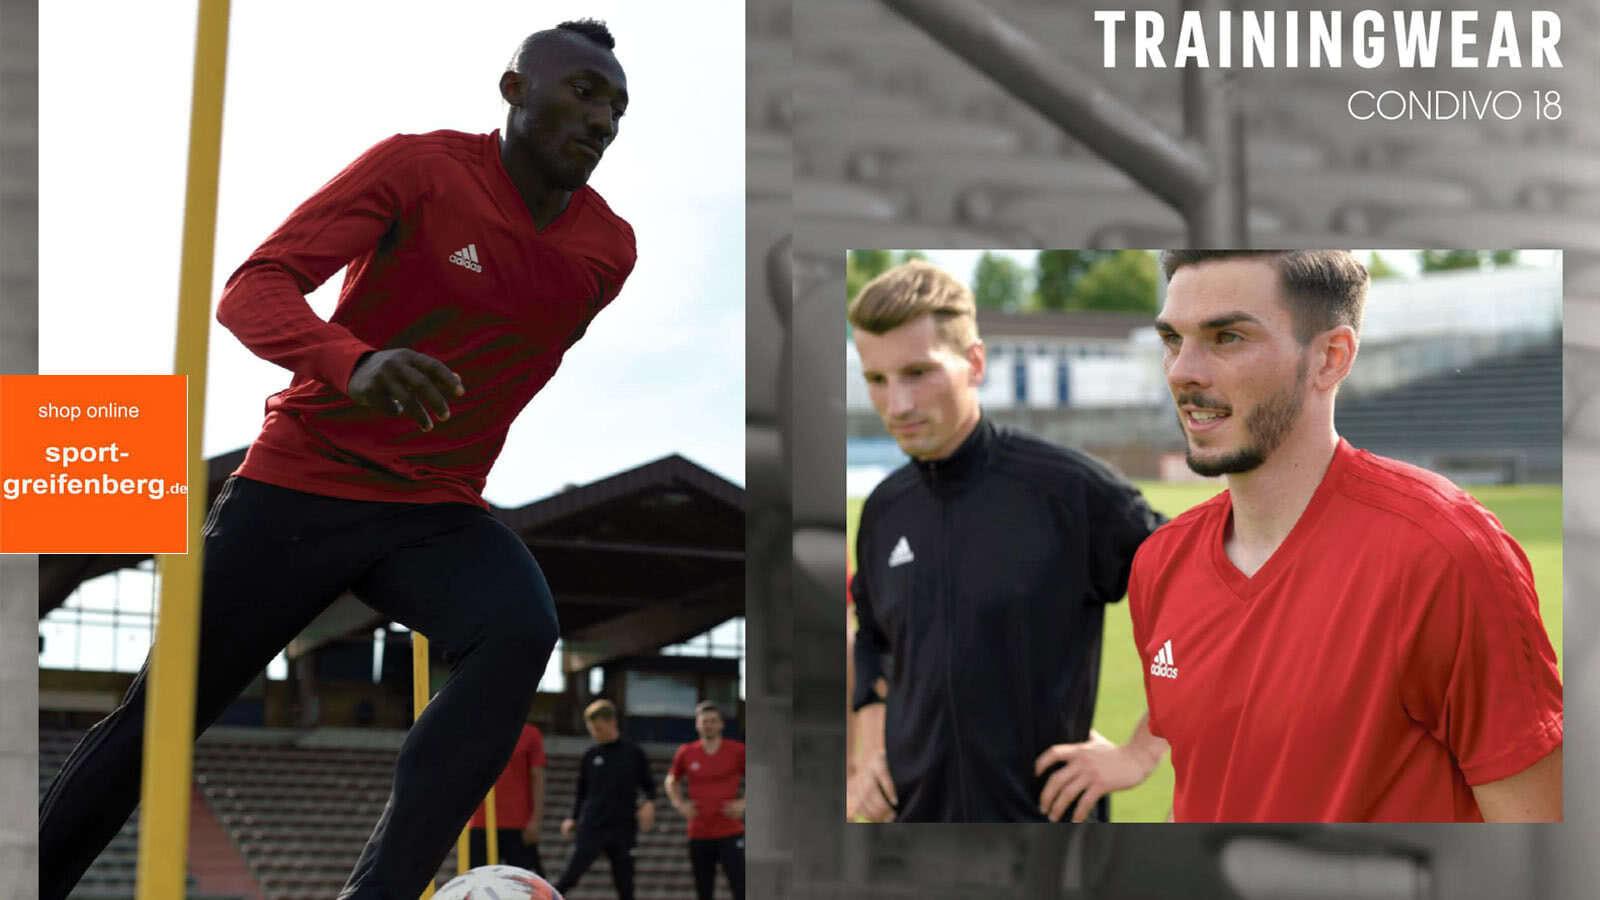 Die Adidas Condivo 18 Linie der Nationalmannschaft jetzt als Sportbekleidung für dich und deinen Club